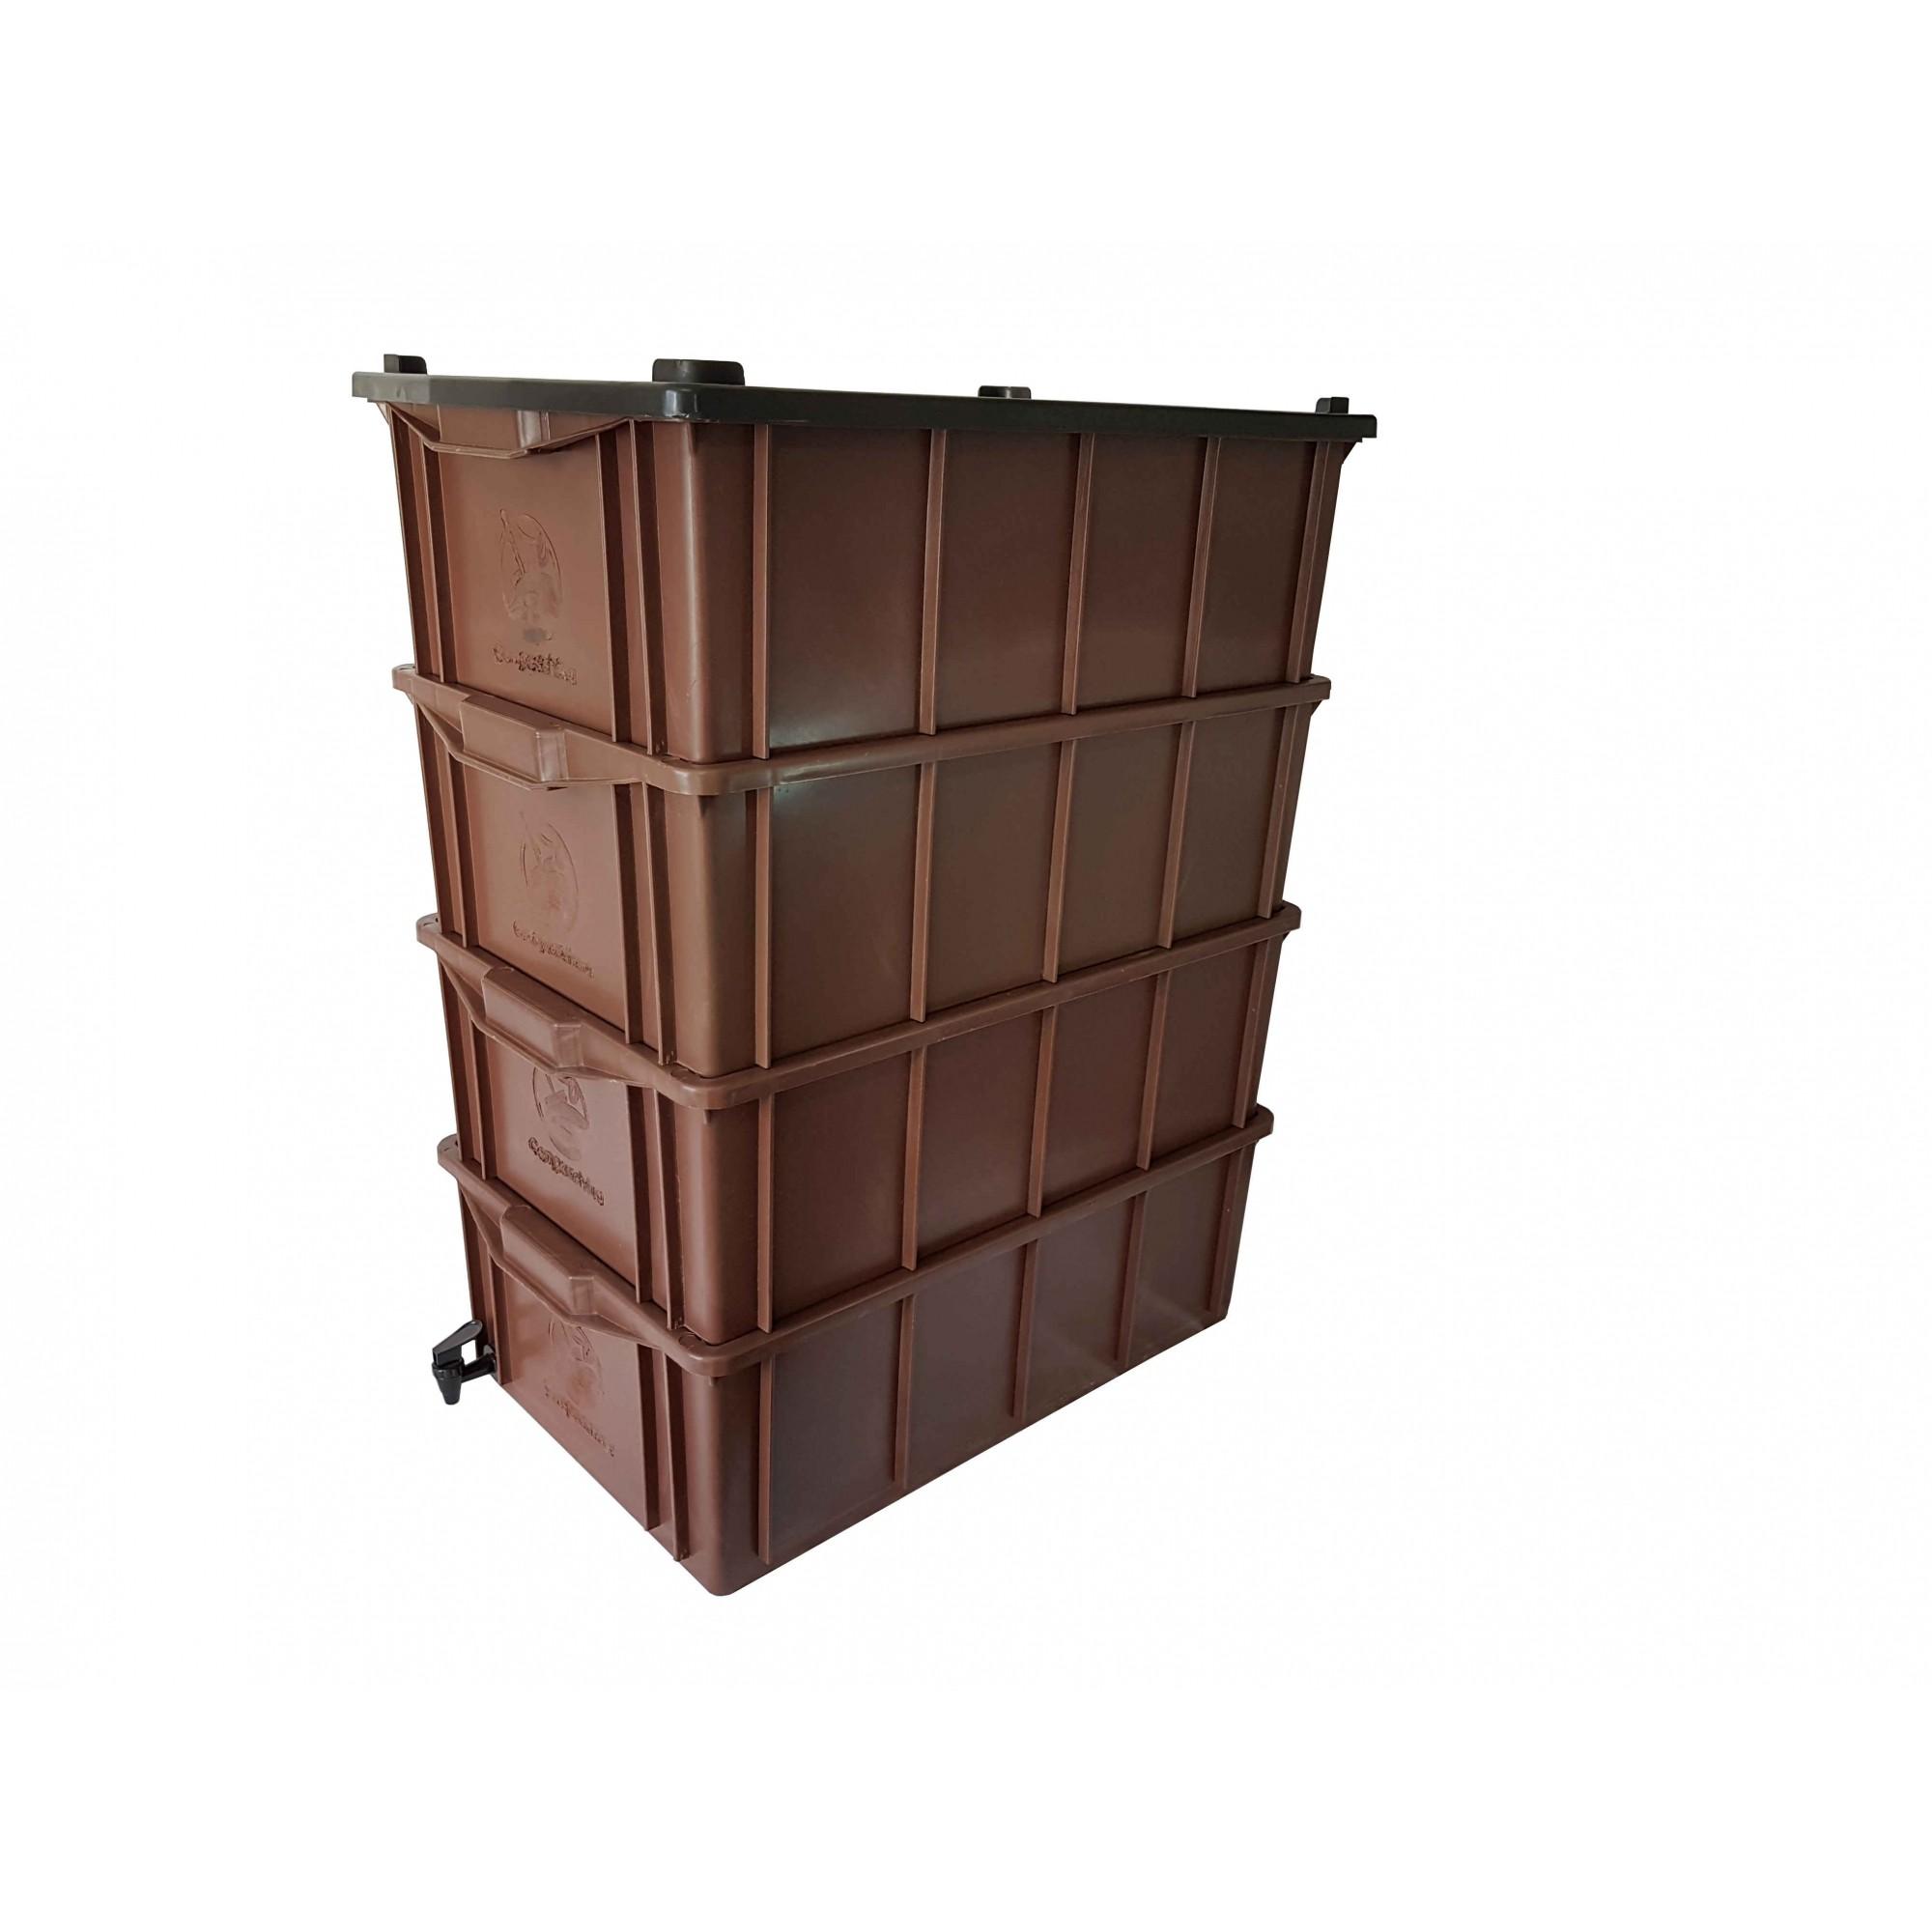 Compostchêira Doméstica - M4 (para 3 ou 4 pessoas)